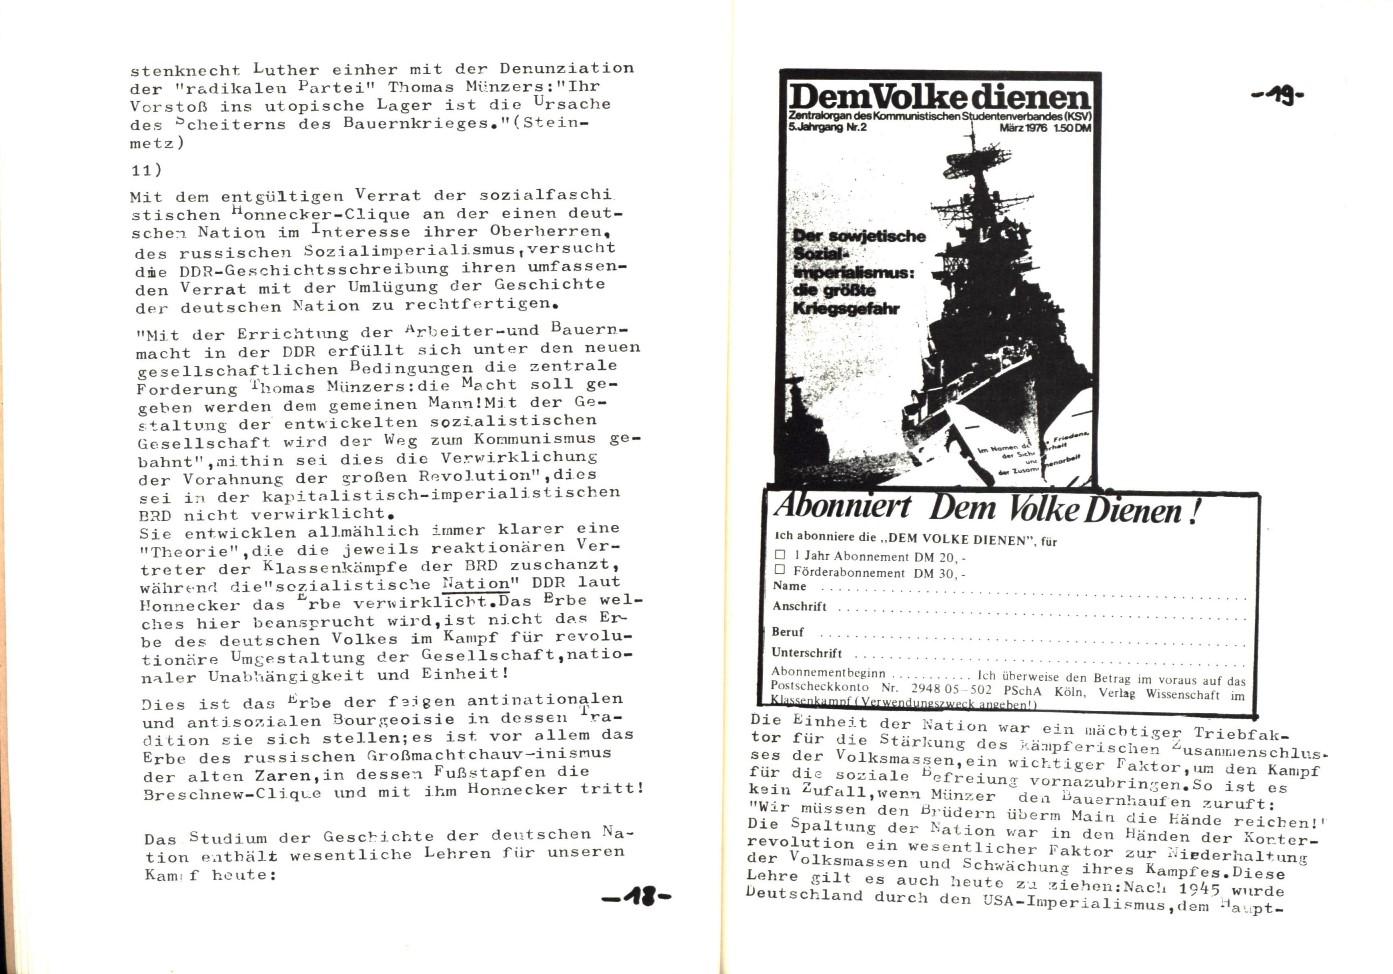 Berlin_KSV_1976_Wochenendseminare_Geschichte_01_11